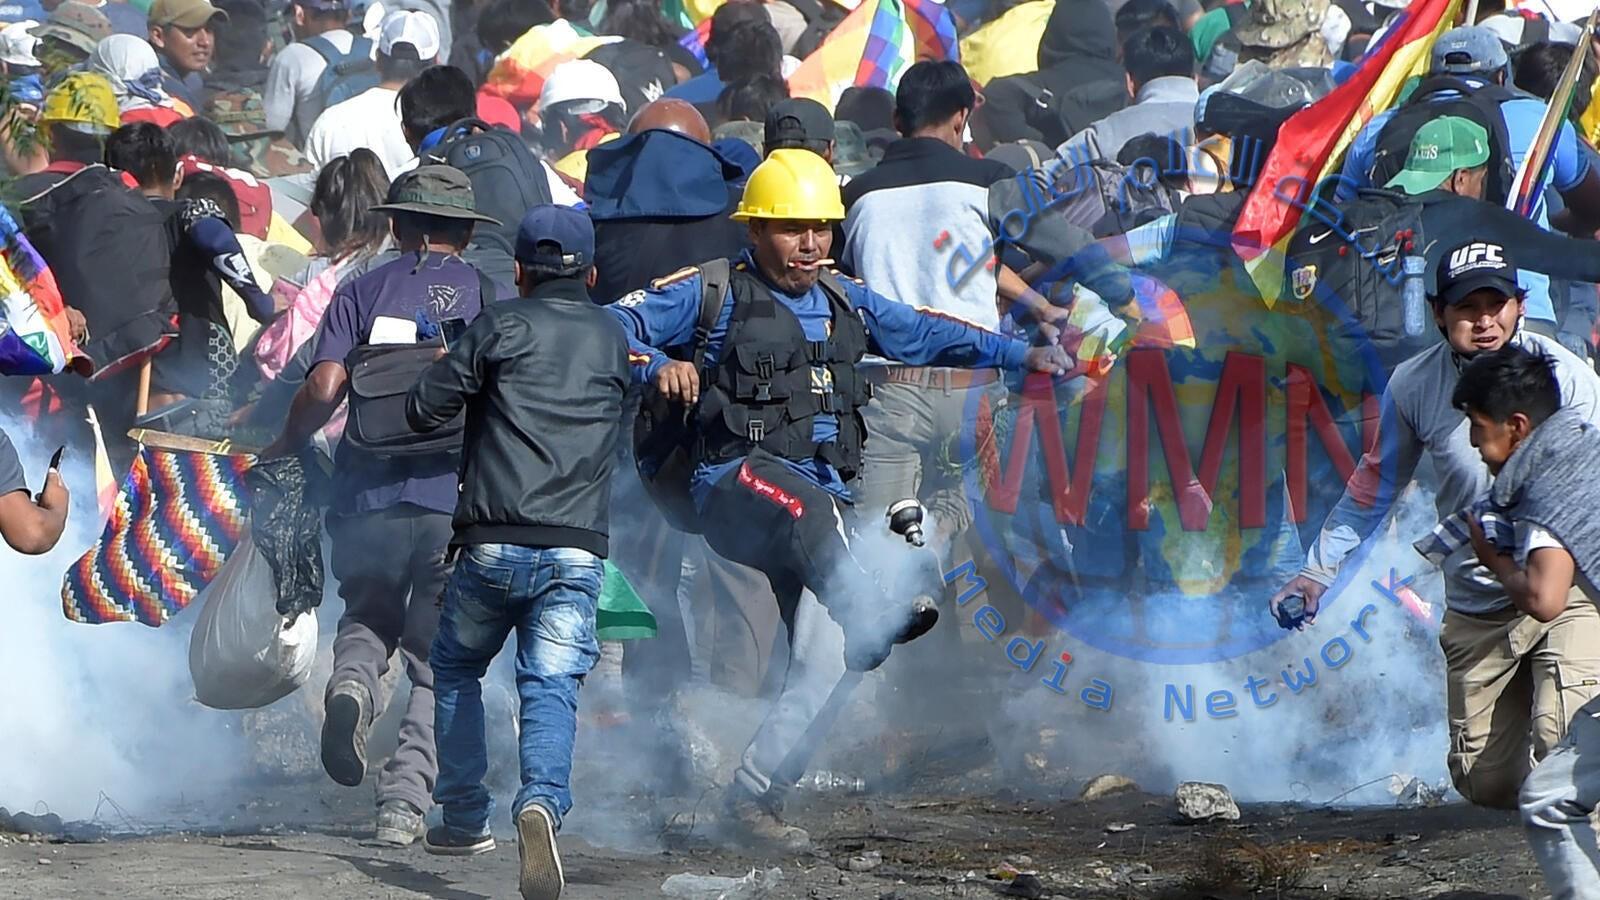 23 قتيلا و 715 مصابا في احتجاجات بوليفيا